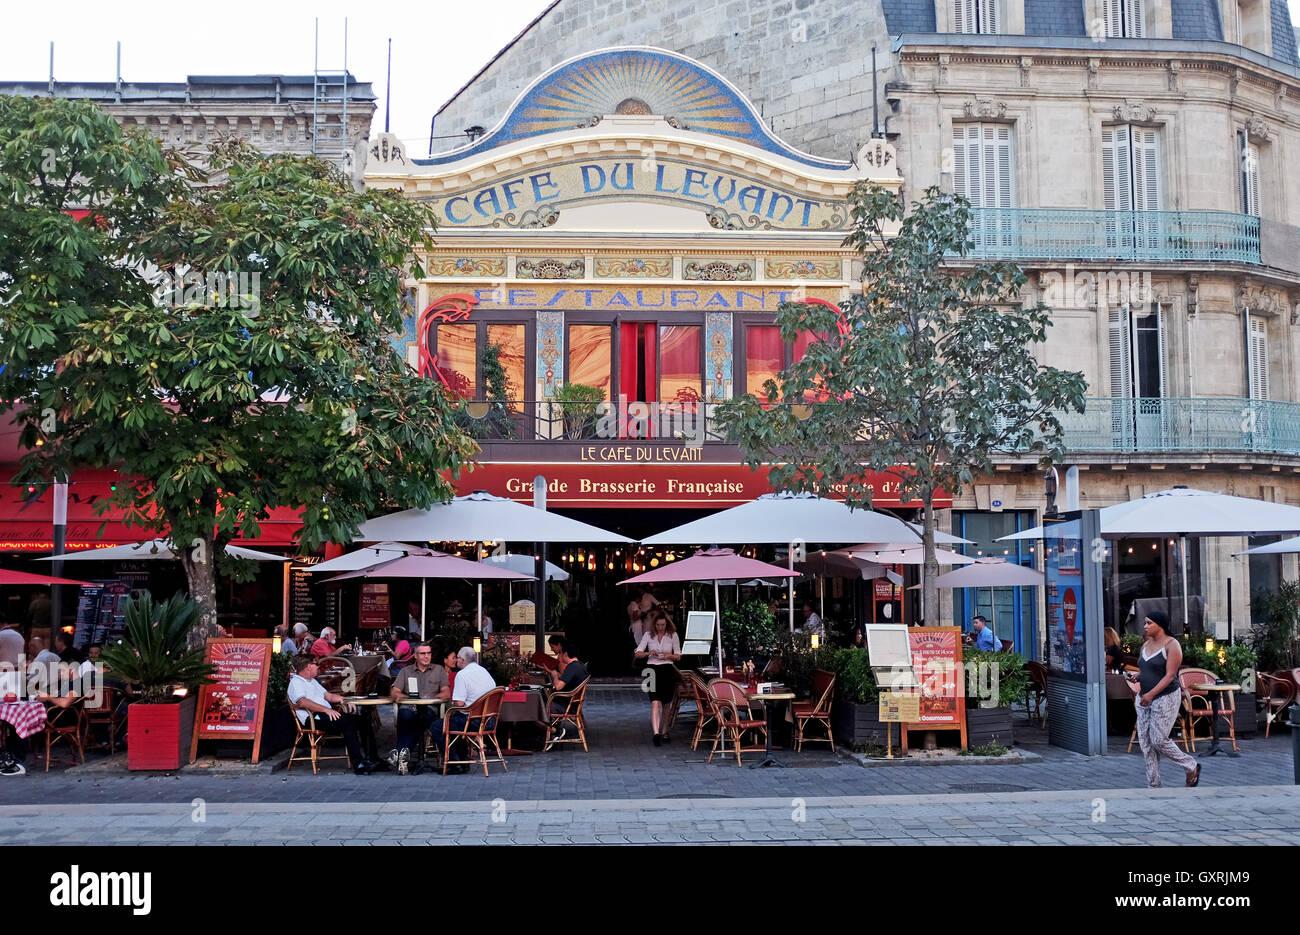 Cafe De Bergerac